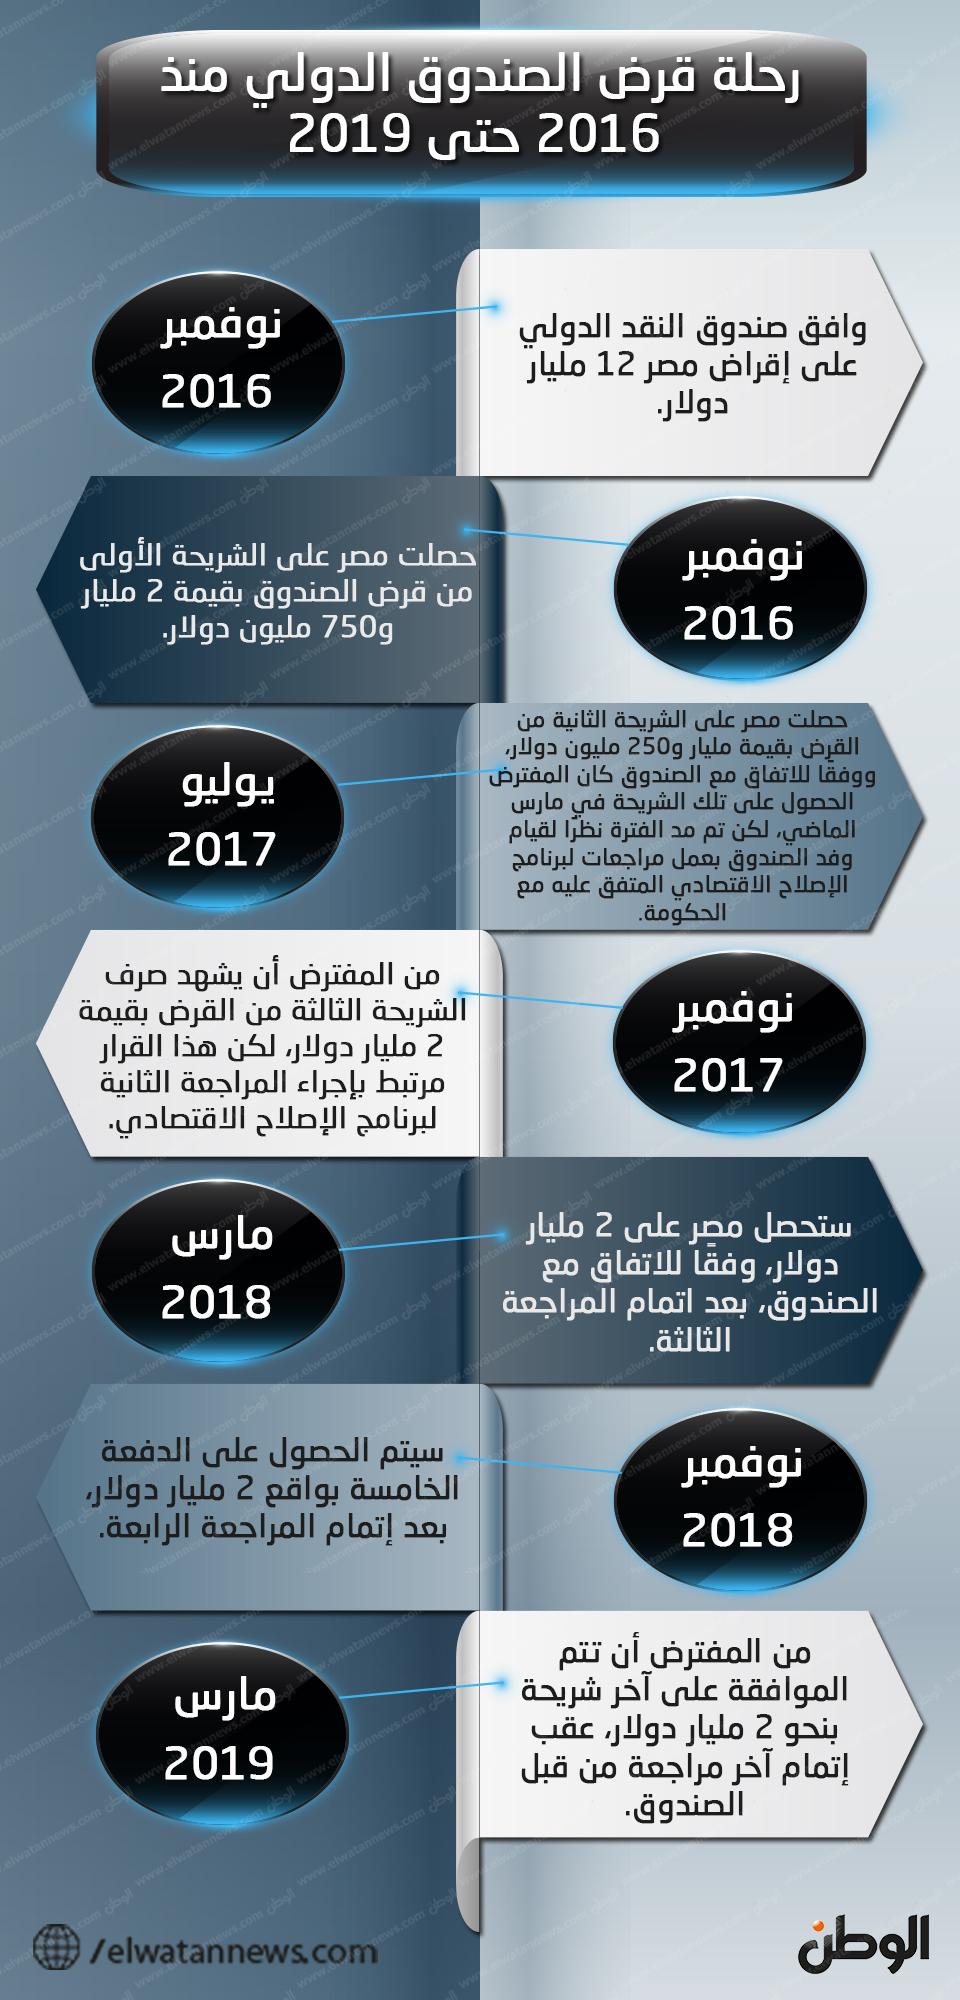 رحلة قرض الصندوق الدولي منذ 2016 حتى 2019